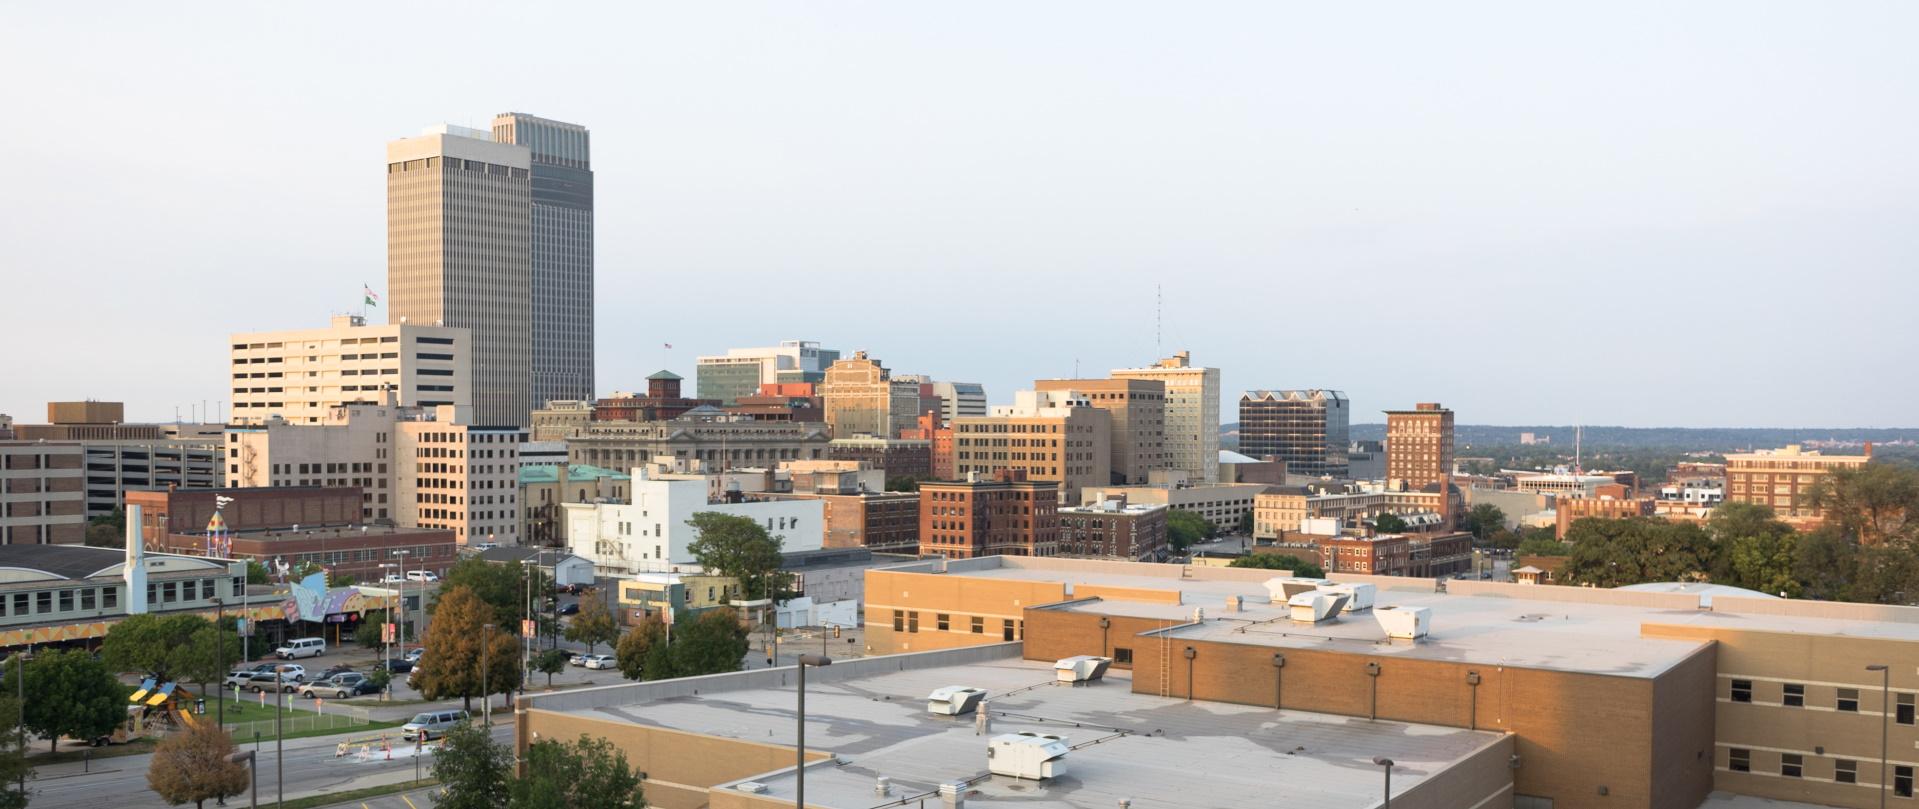 downtown city skyline omaha nebraska midwest urban PME93DL